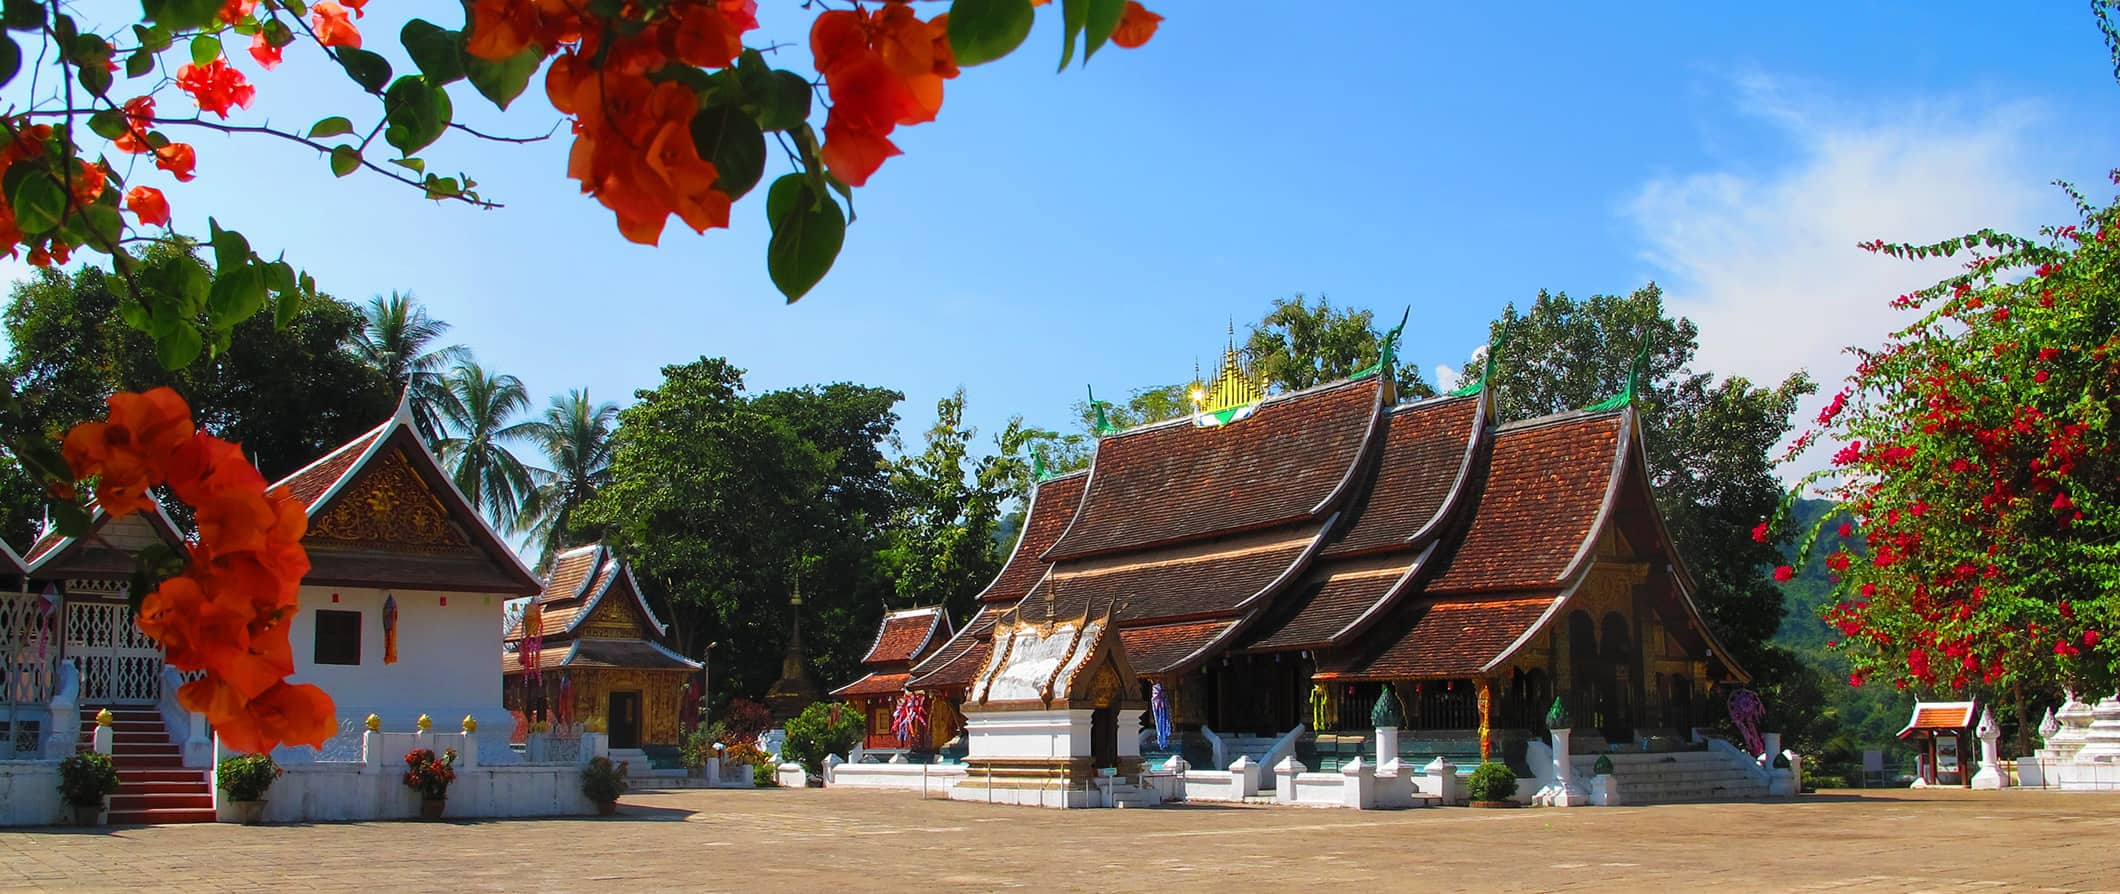 religious buildings in Luang Prabang